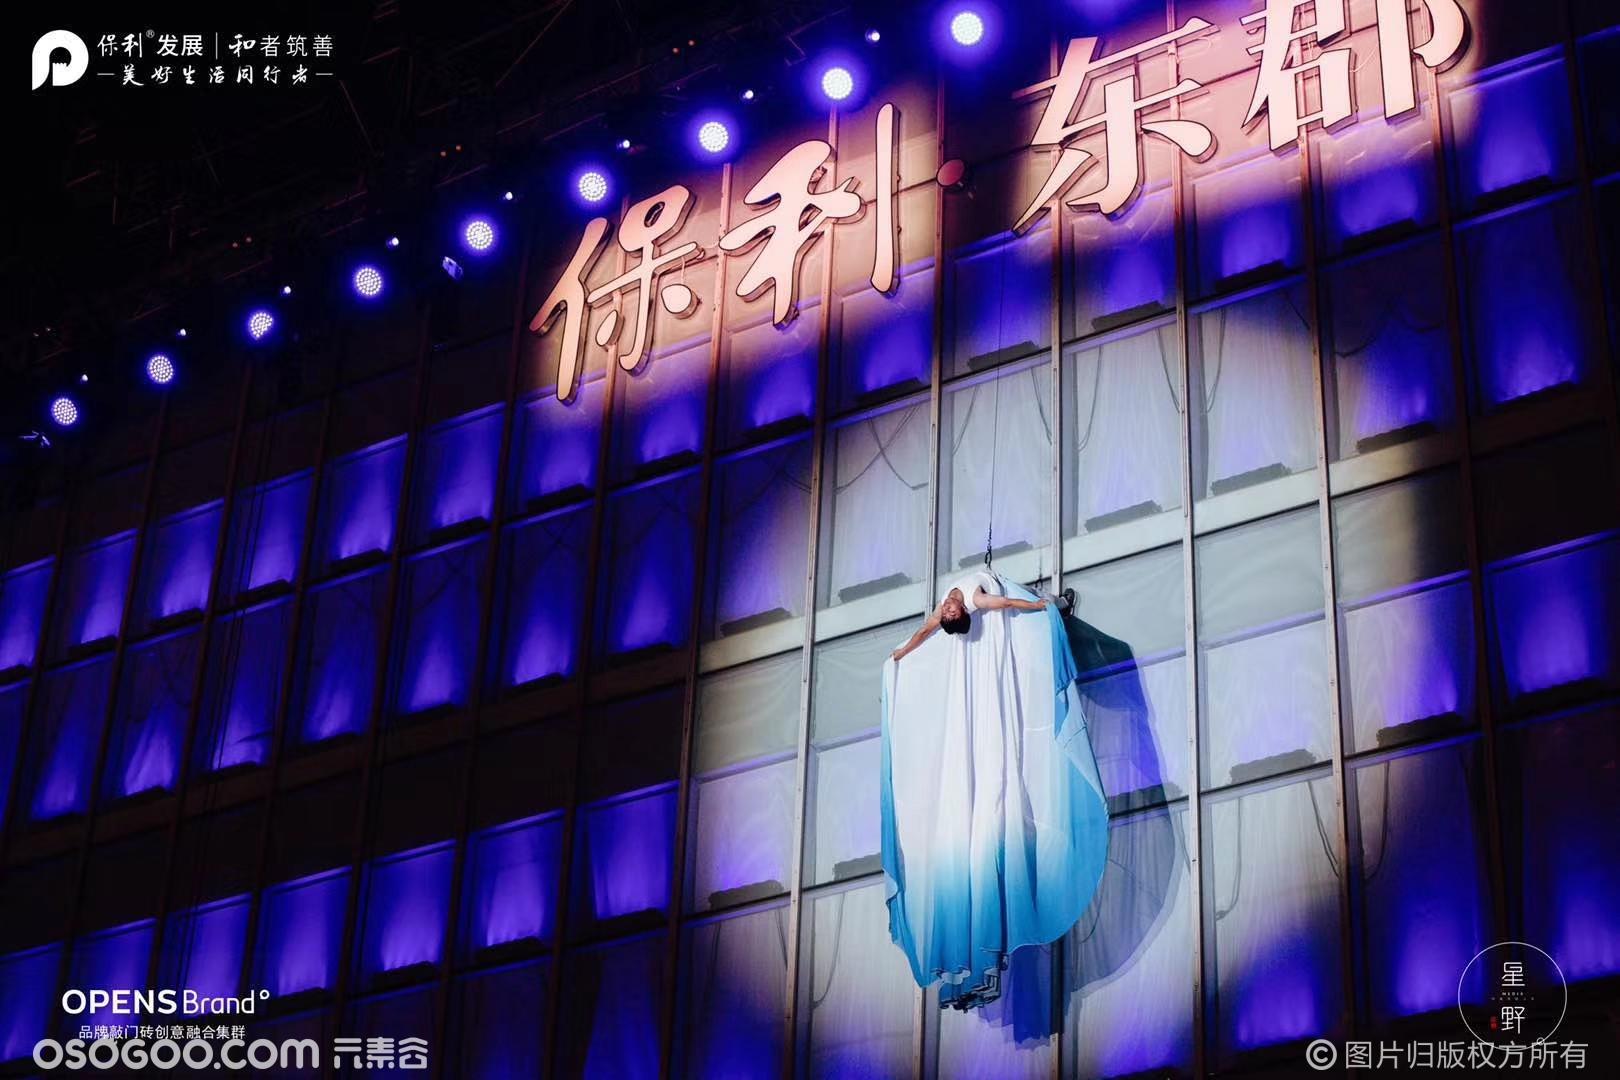 中国央企领先品牌领跑者|新多媒体视觉创意团队|3D全息开场等